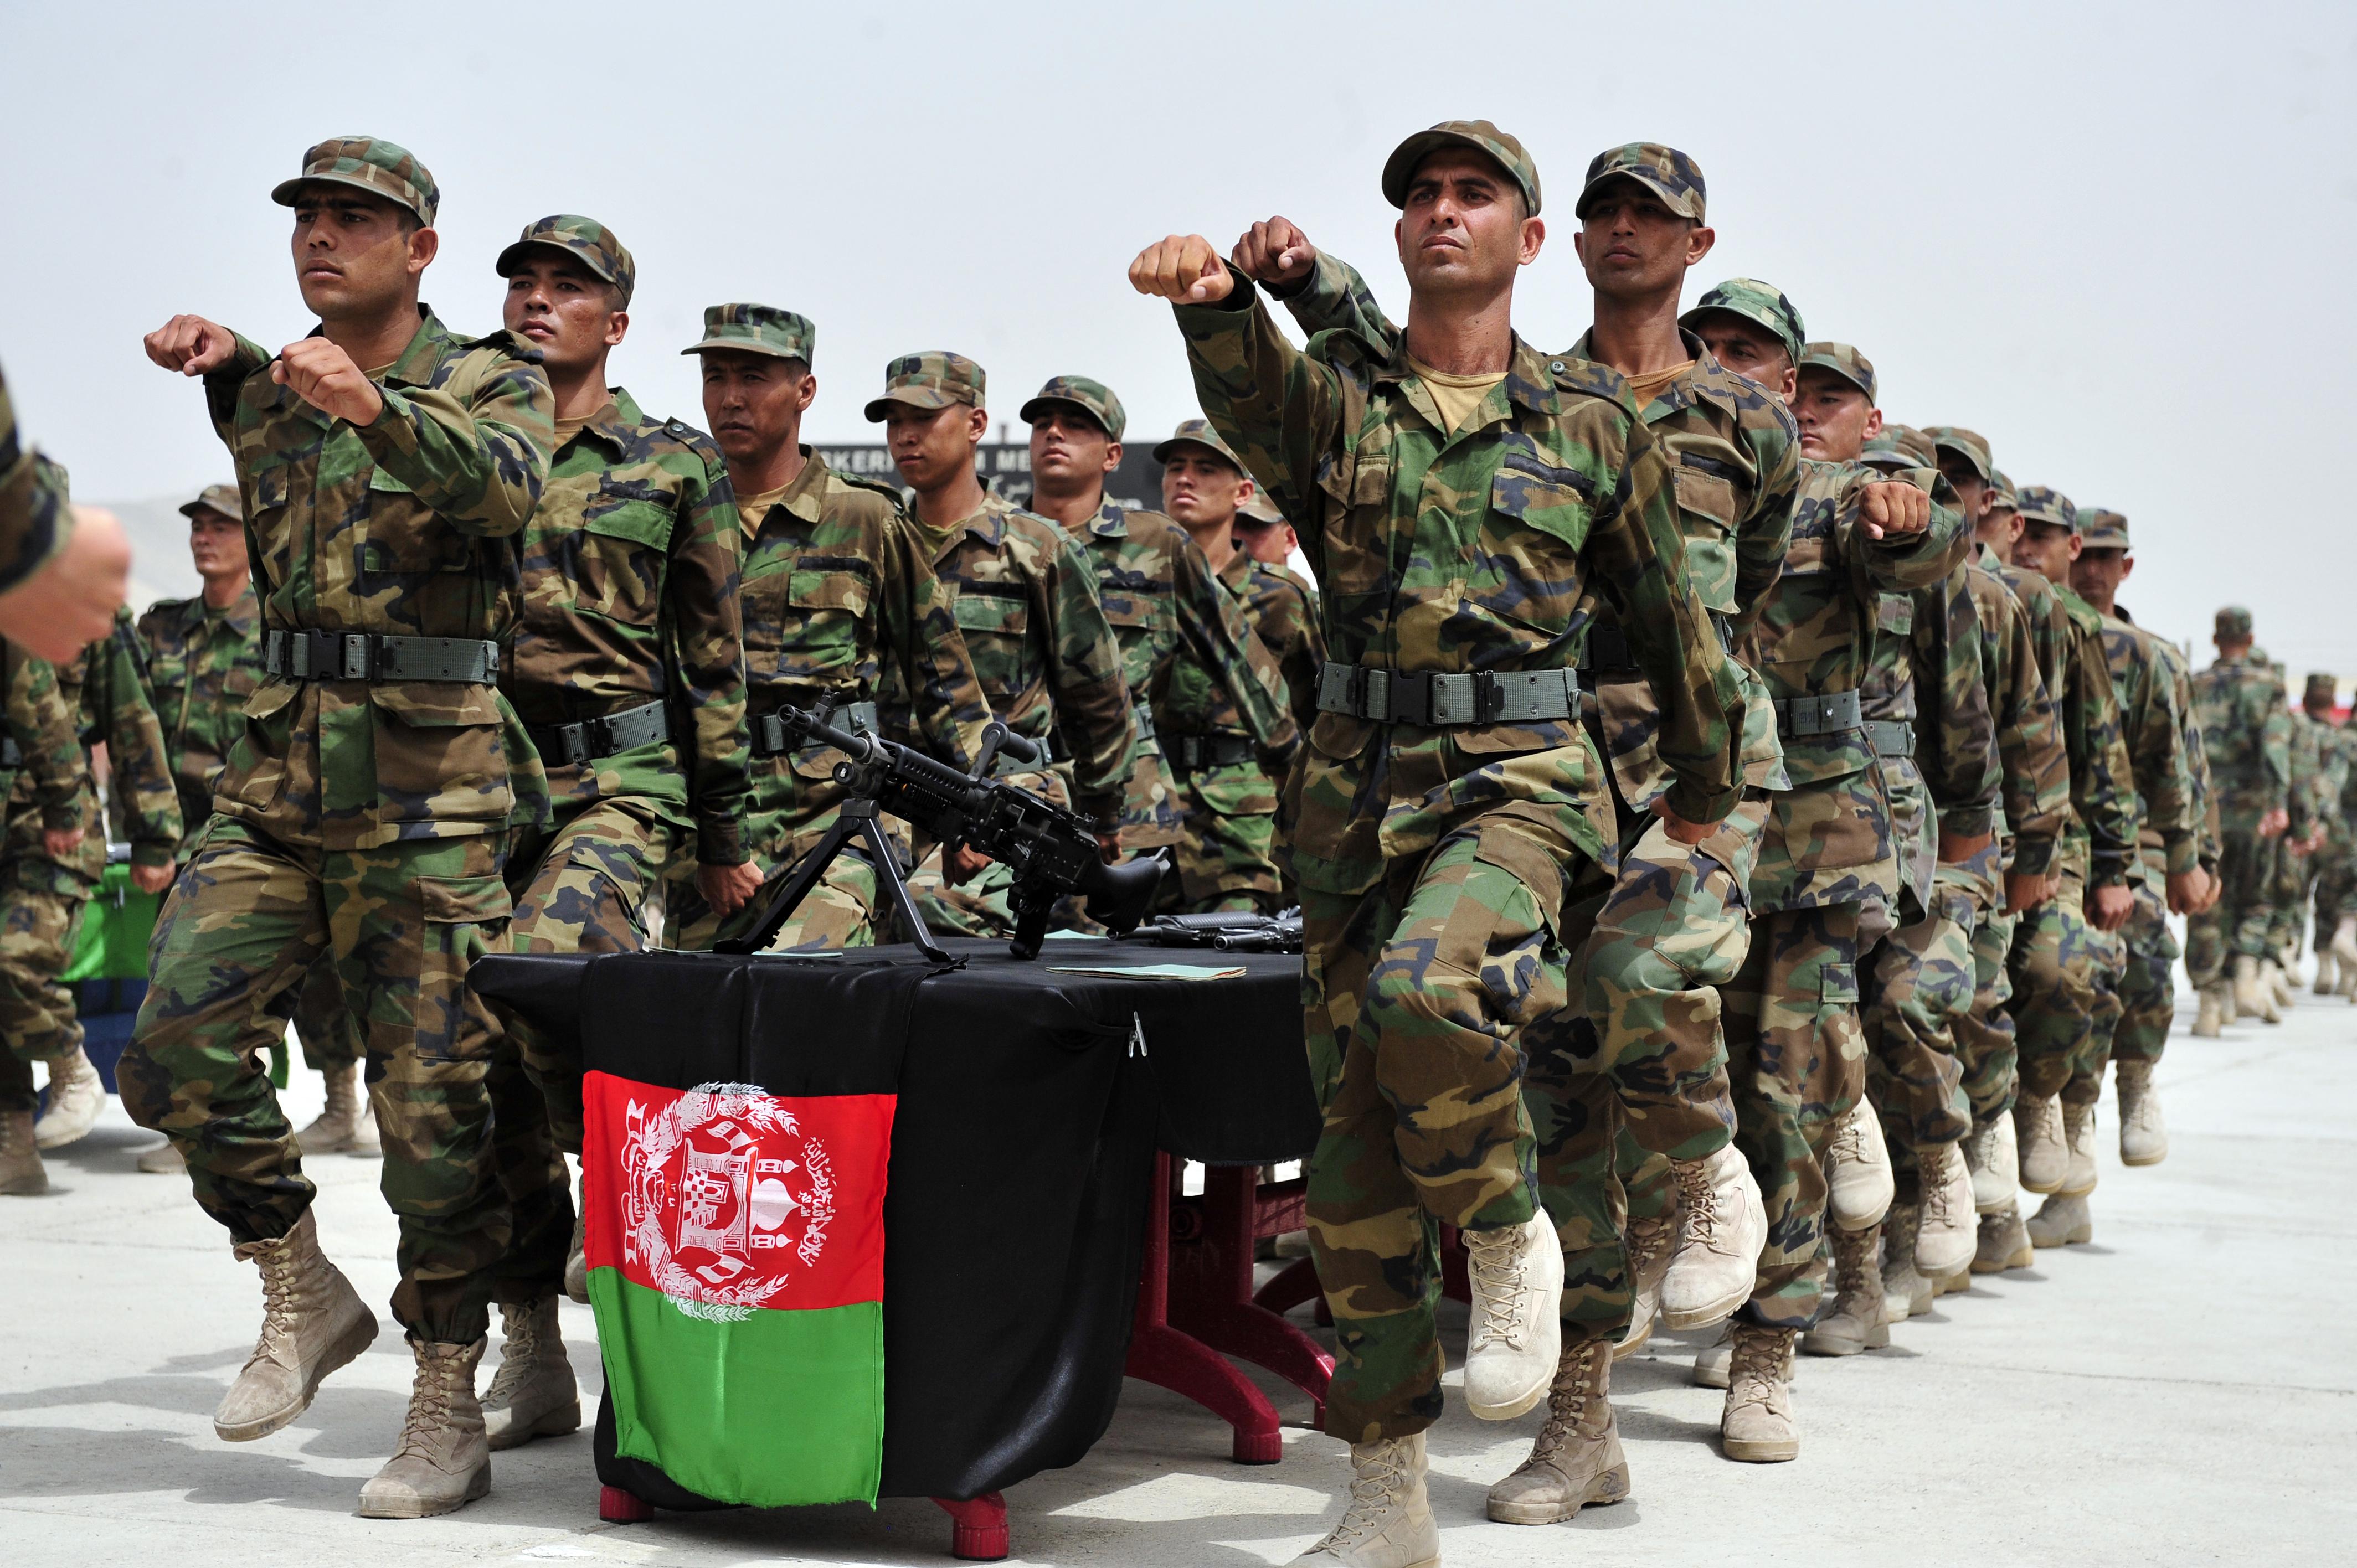 مالی بحران ,افغان آرمی طالبان کے ہاتھوں ''از خود گرفتار ''ہونے لگی